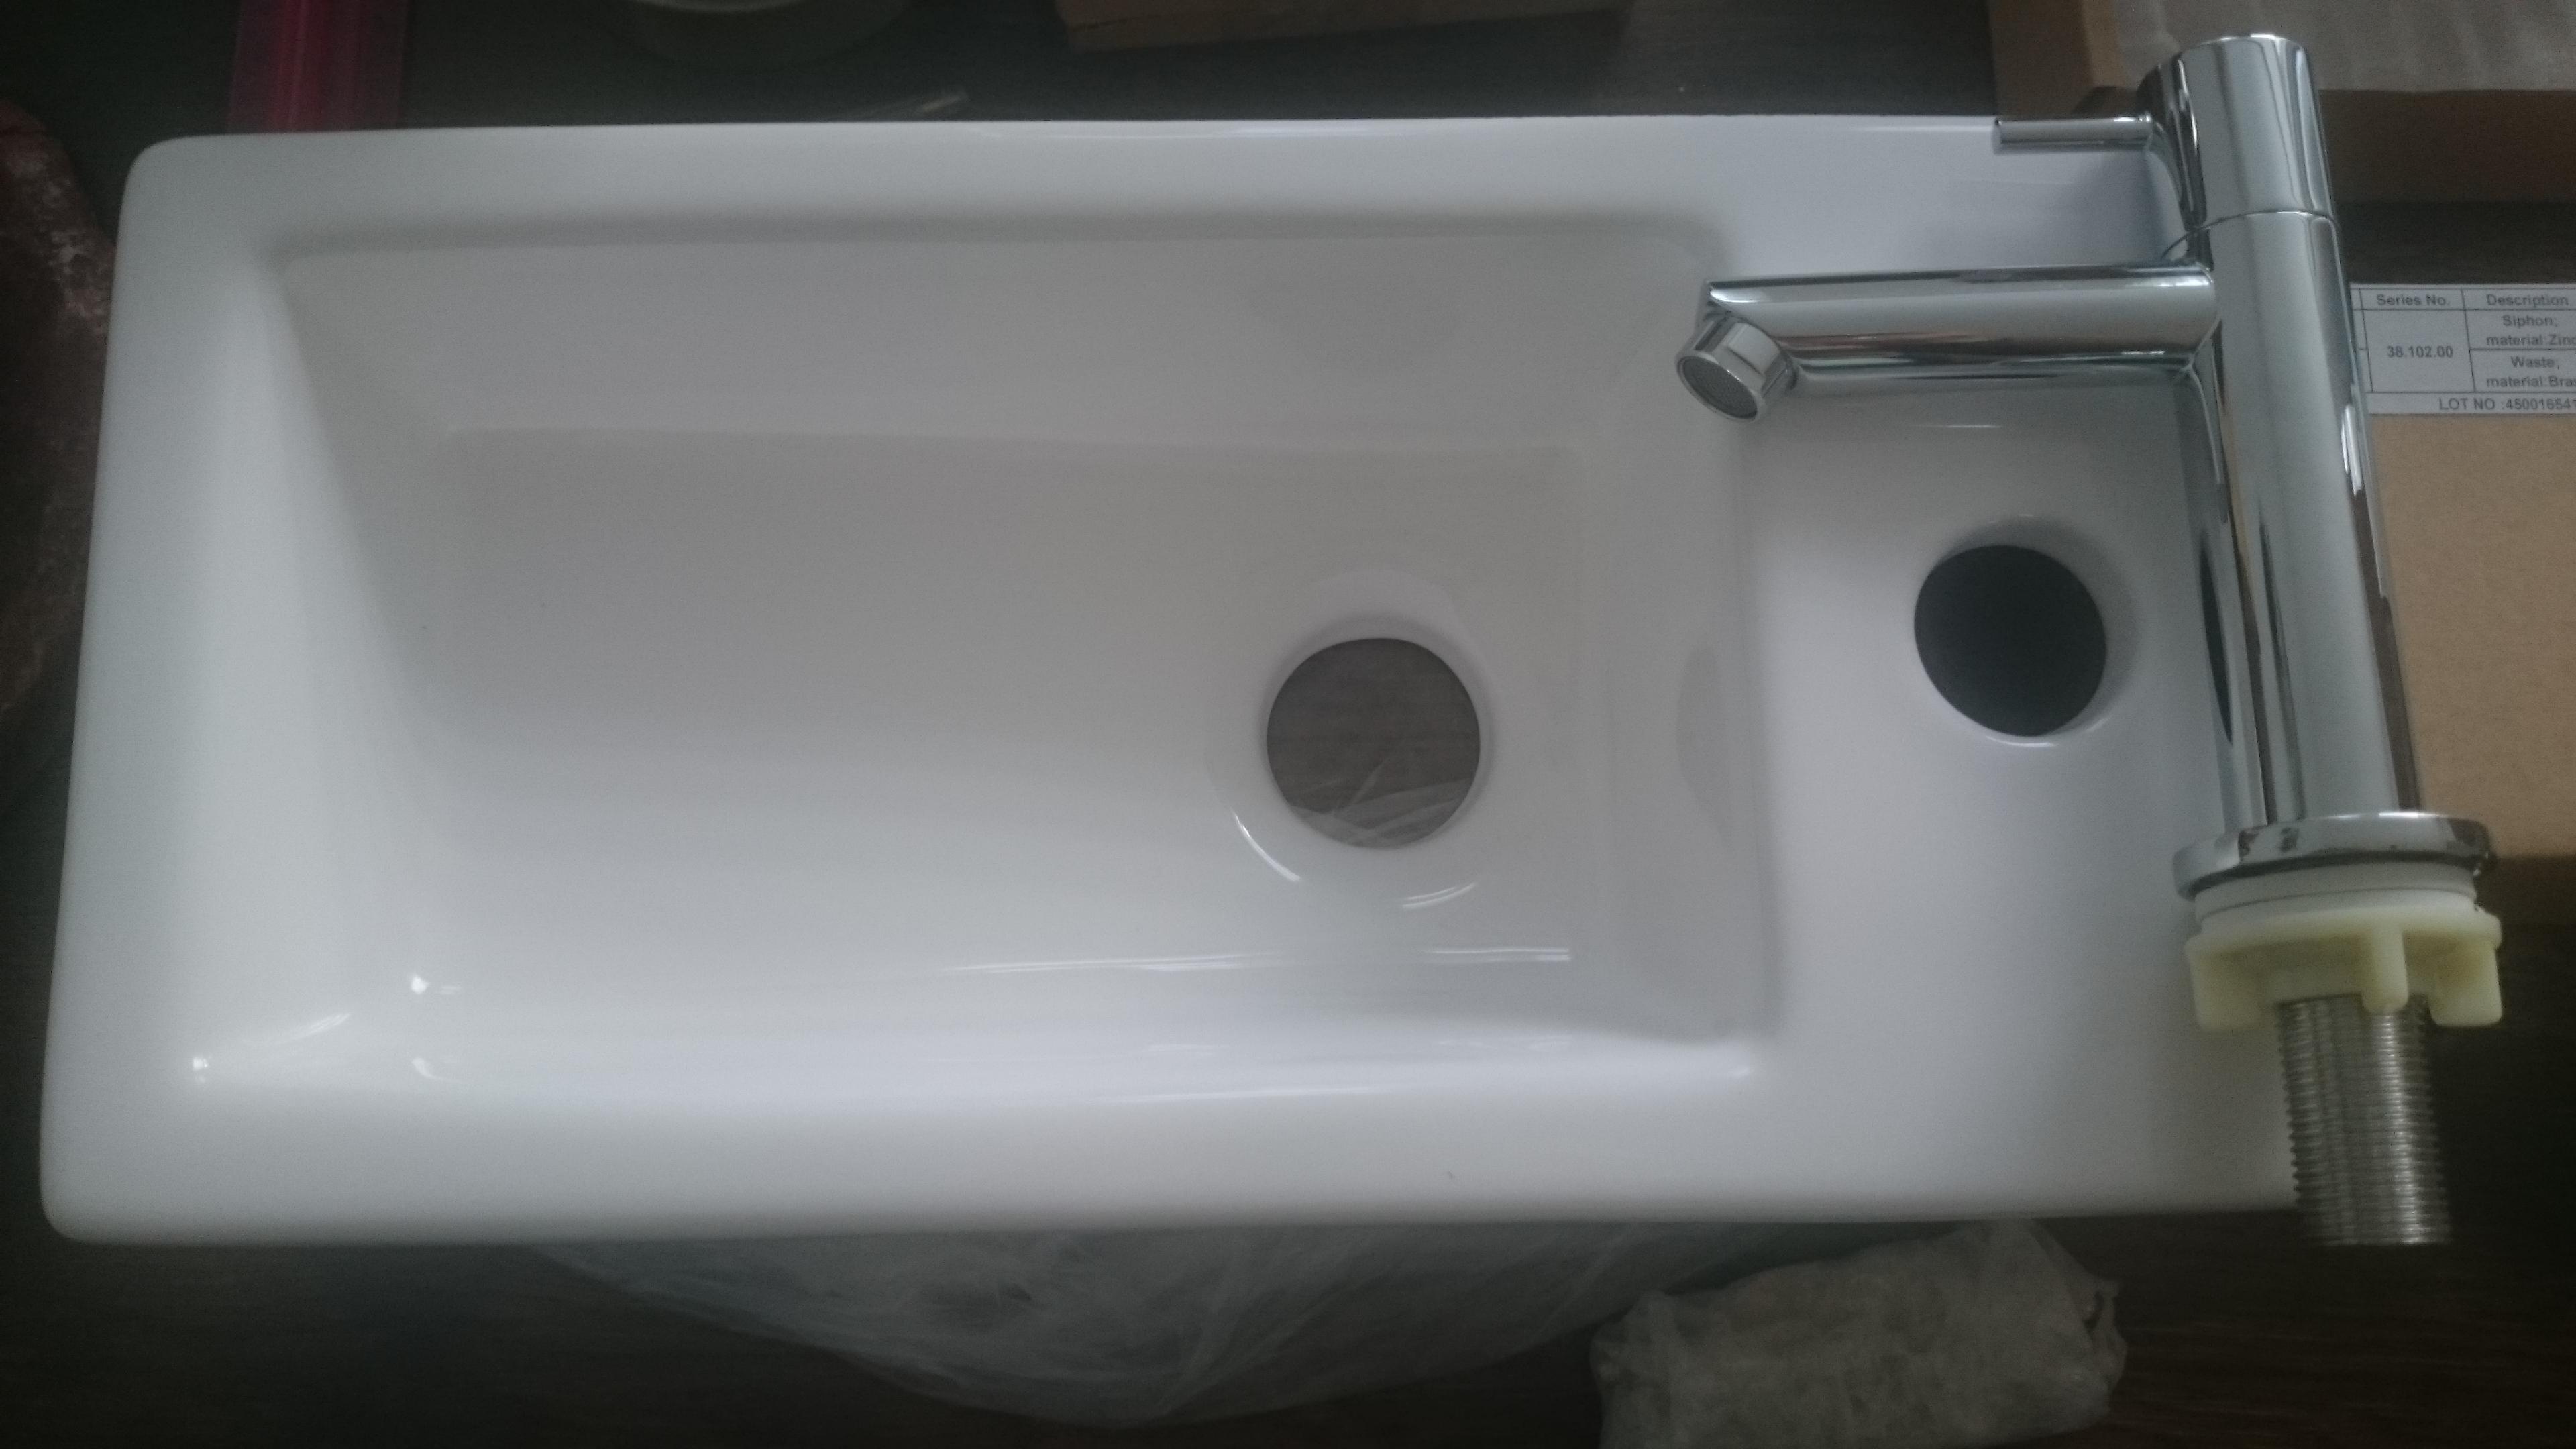 Praxis Toilet Fontein : Toilet vernieuwd zwevend toilet gemaakt en opnieuw betegeld